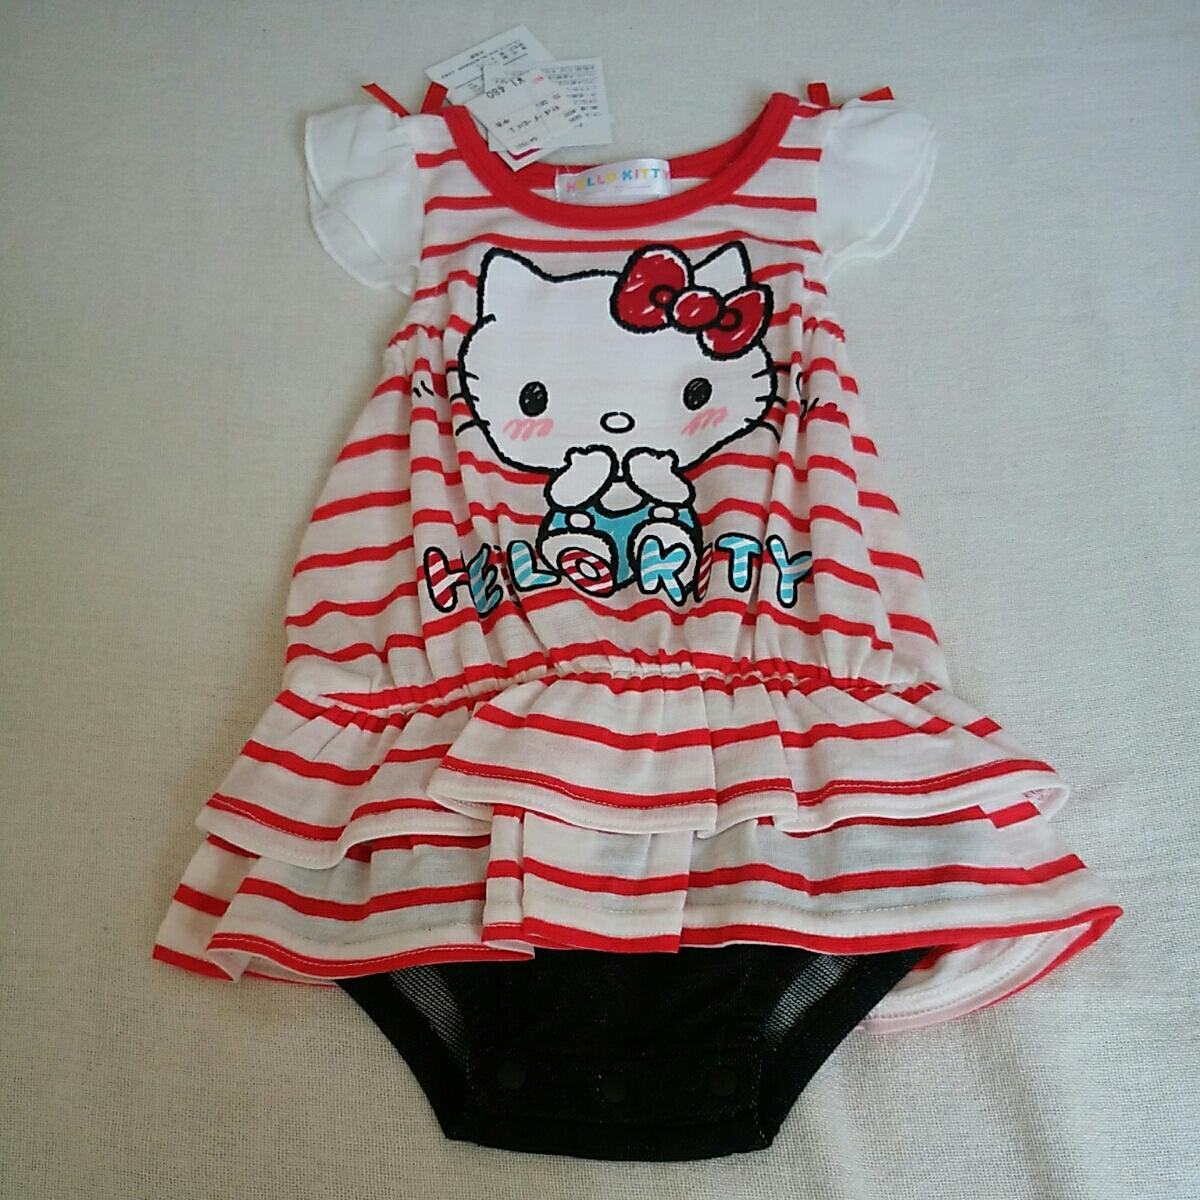 6d91a6822040f 新品 キティちゃん カバーオール ロンパース 70 赤 白 ボーダー 女の子 新生児 出産準備 出産祝い ベビー